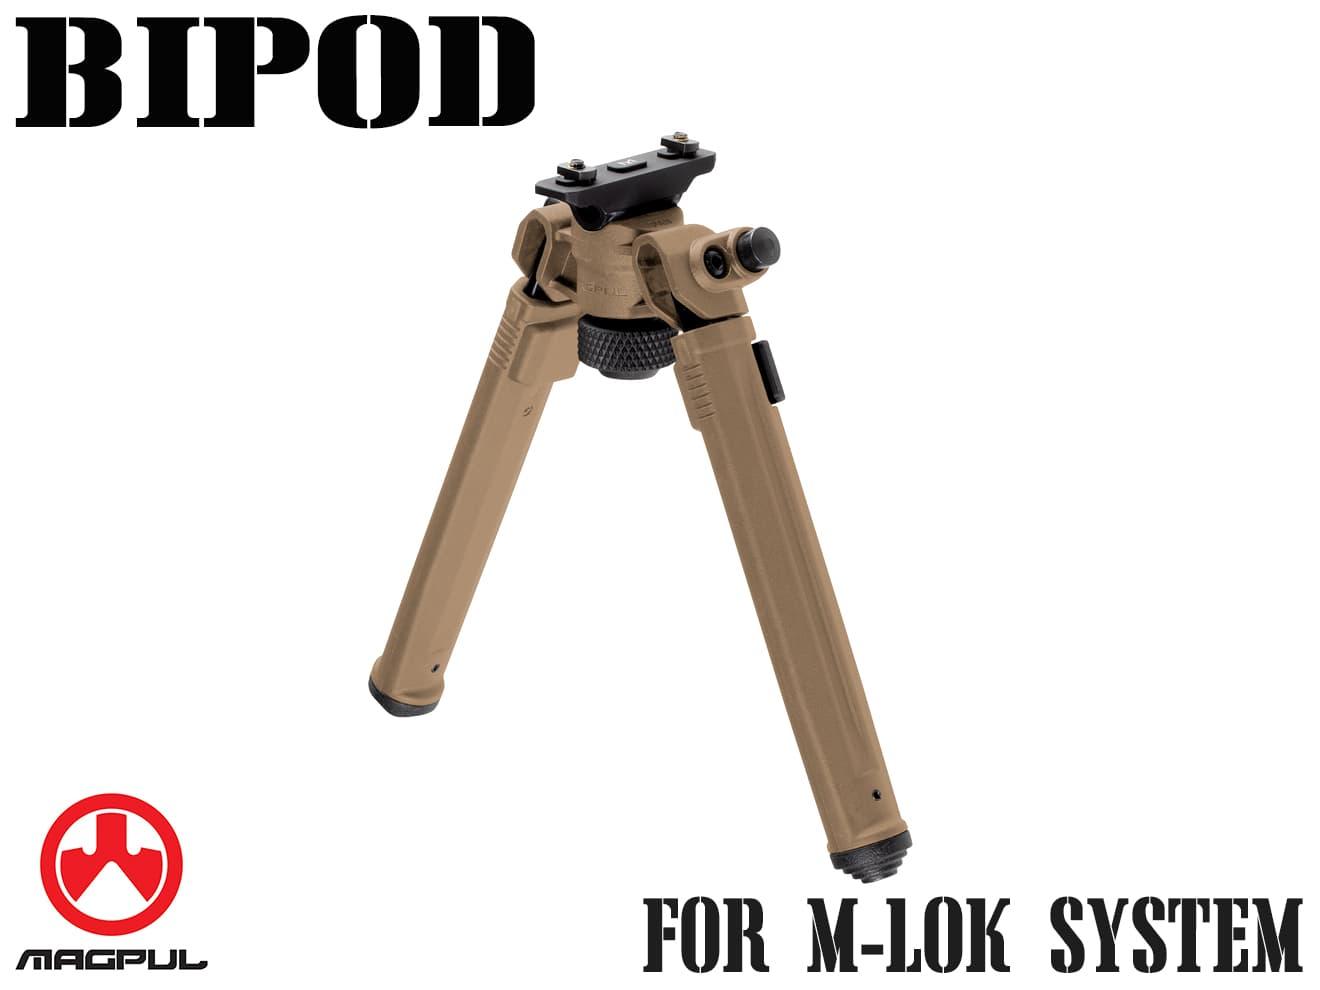 Magpul バイポッド for M-LOK◆FDE マグプル正規品 エムロック ハンドガード/RAS/RIS/フォアエンド対応 7段階調整 丈夫 MA557490313